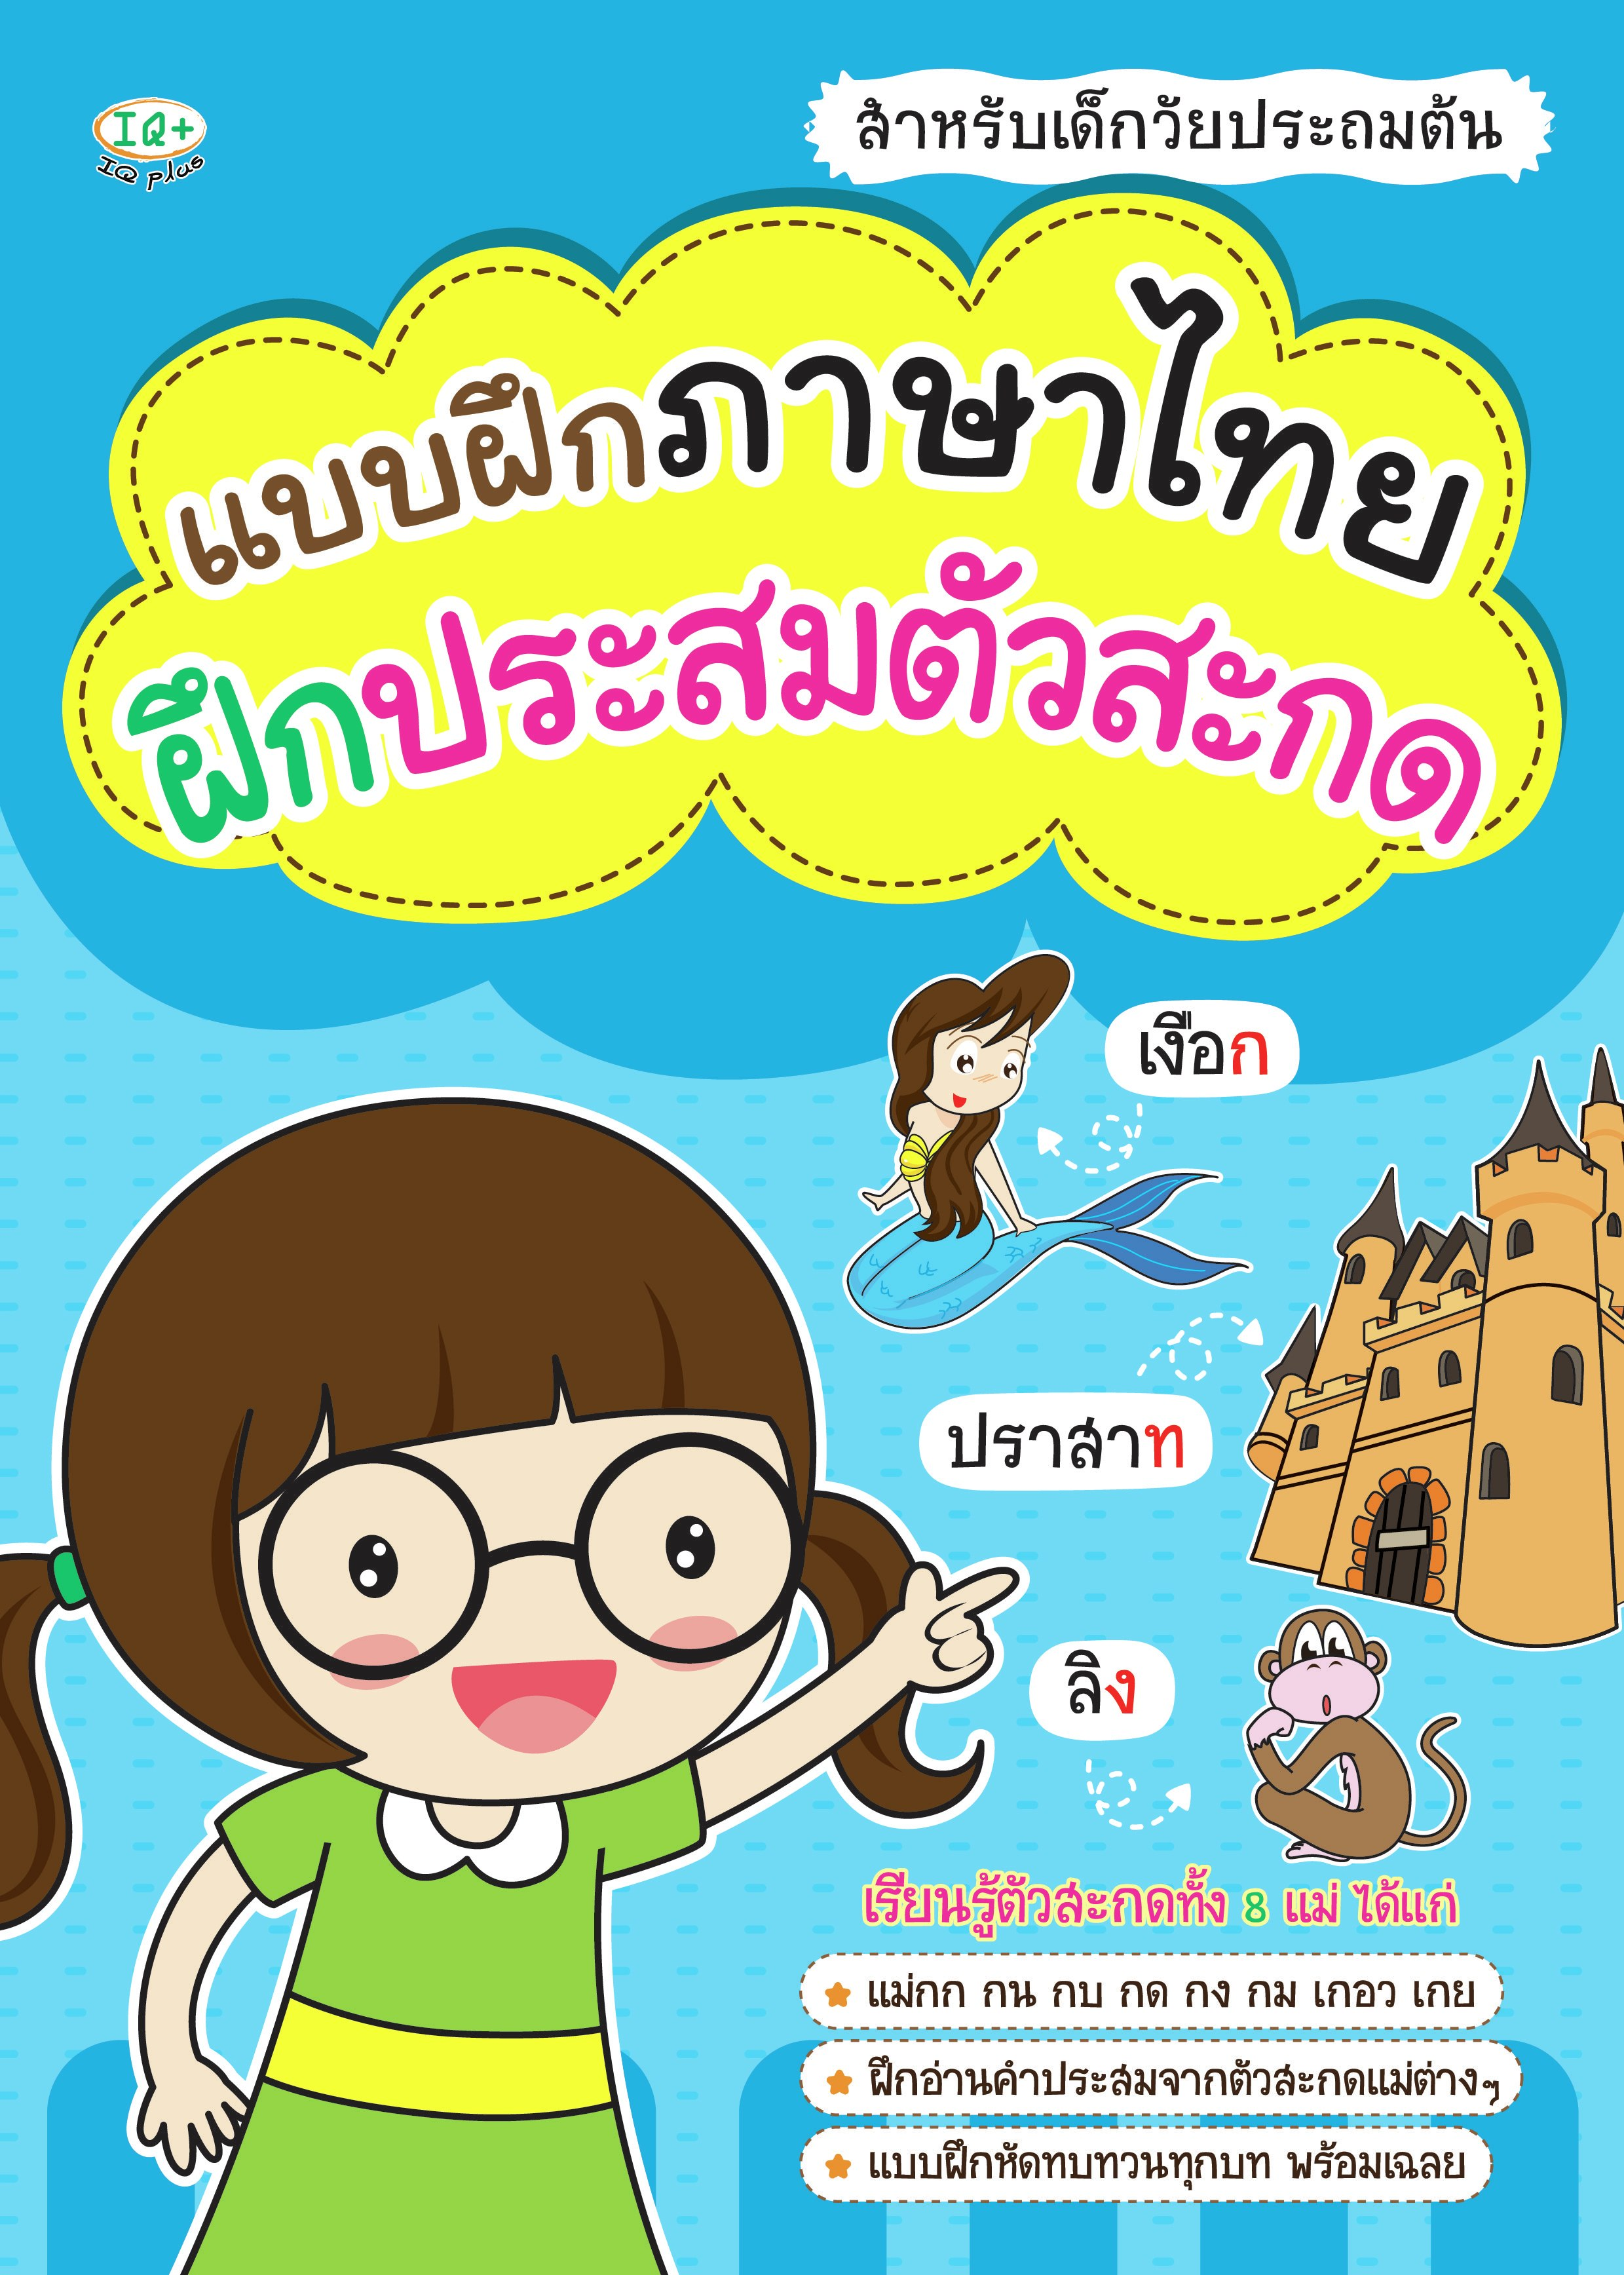 แบบฝึกภาษาไทย ฝึกประสมตัวสะกด